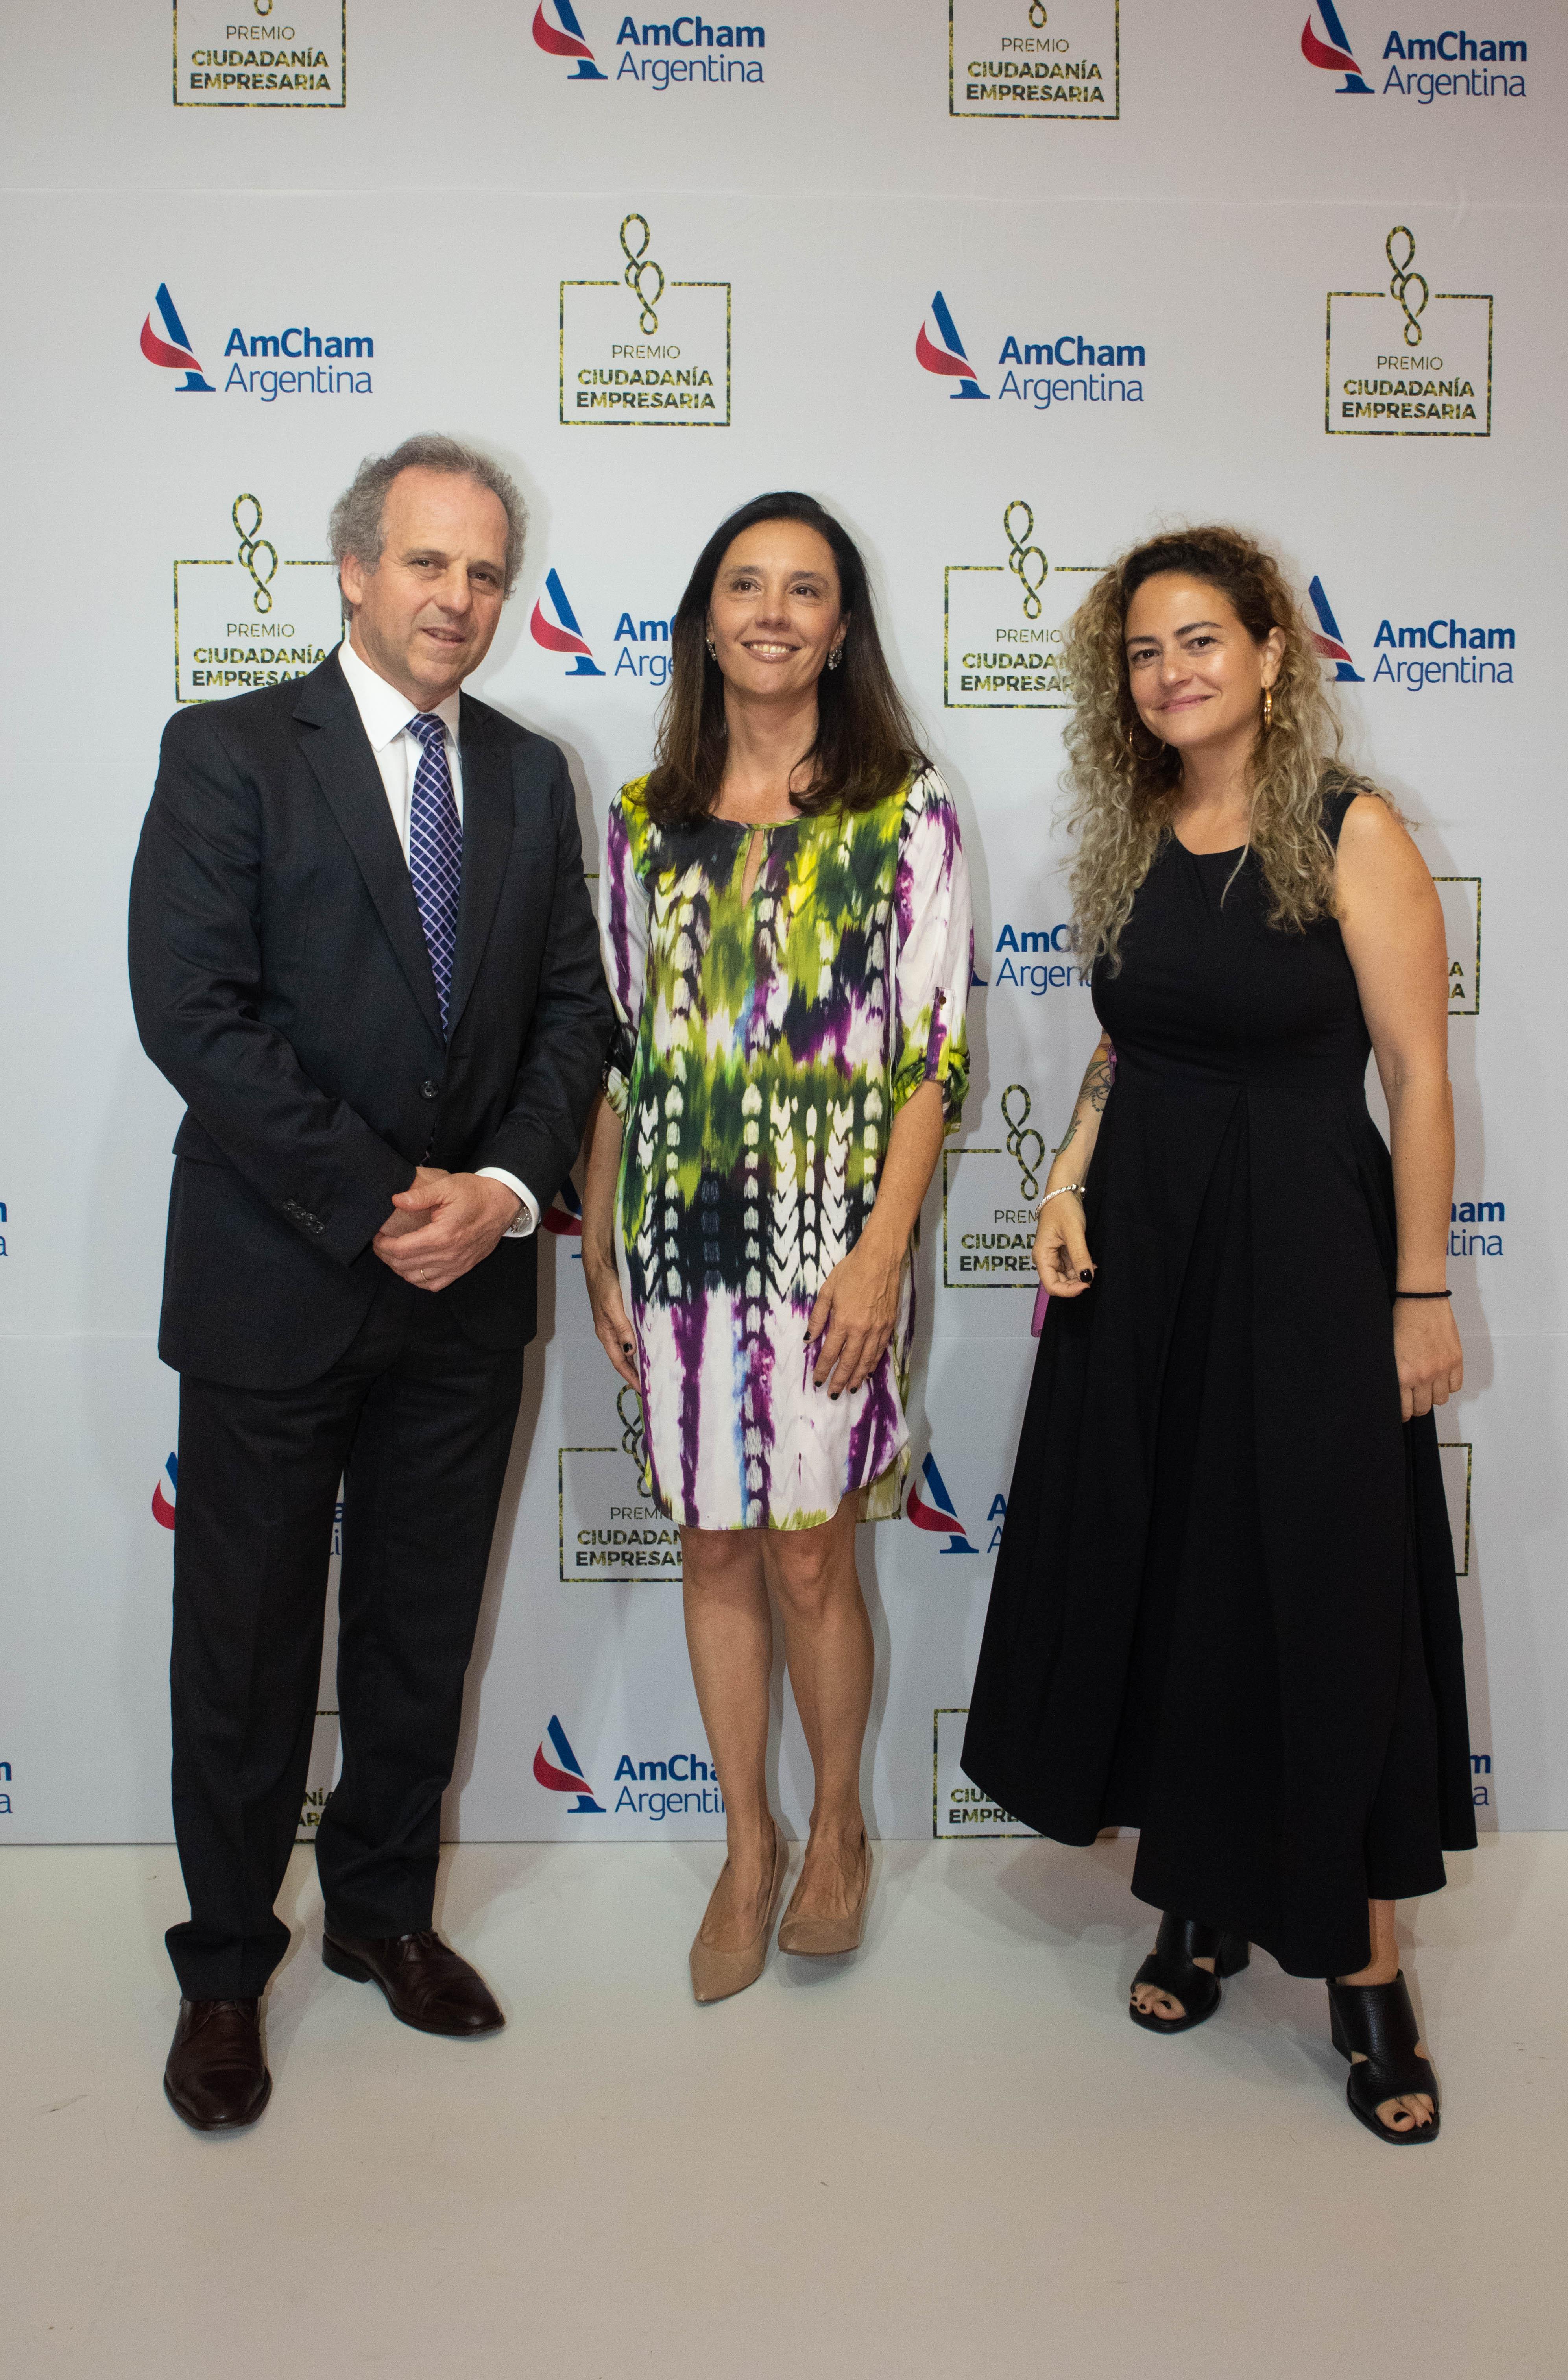 Roberto Alexander junto a Florencia Salvi y Ornella Basilotta, fundadora de Fracking BackPack .